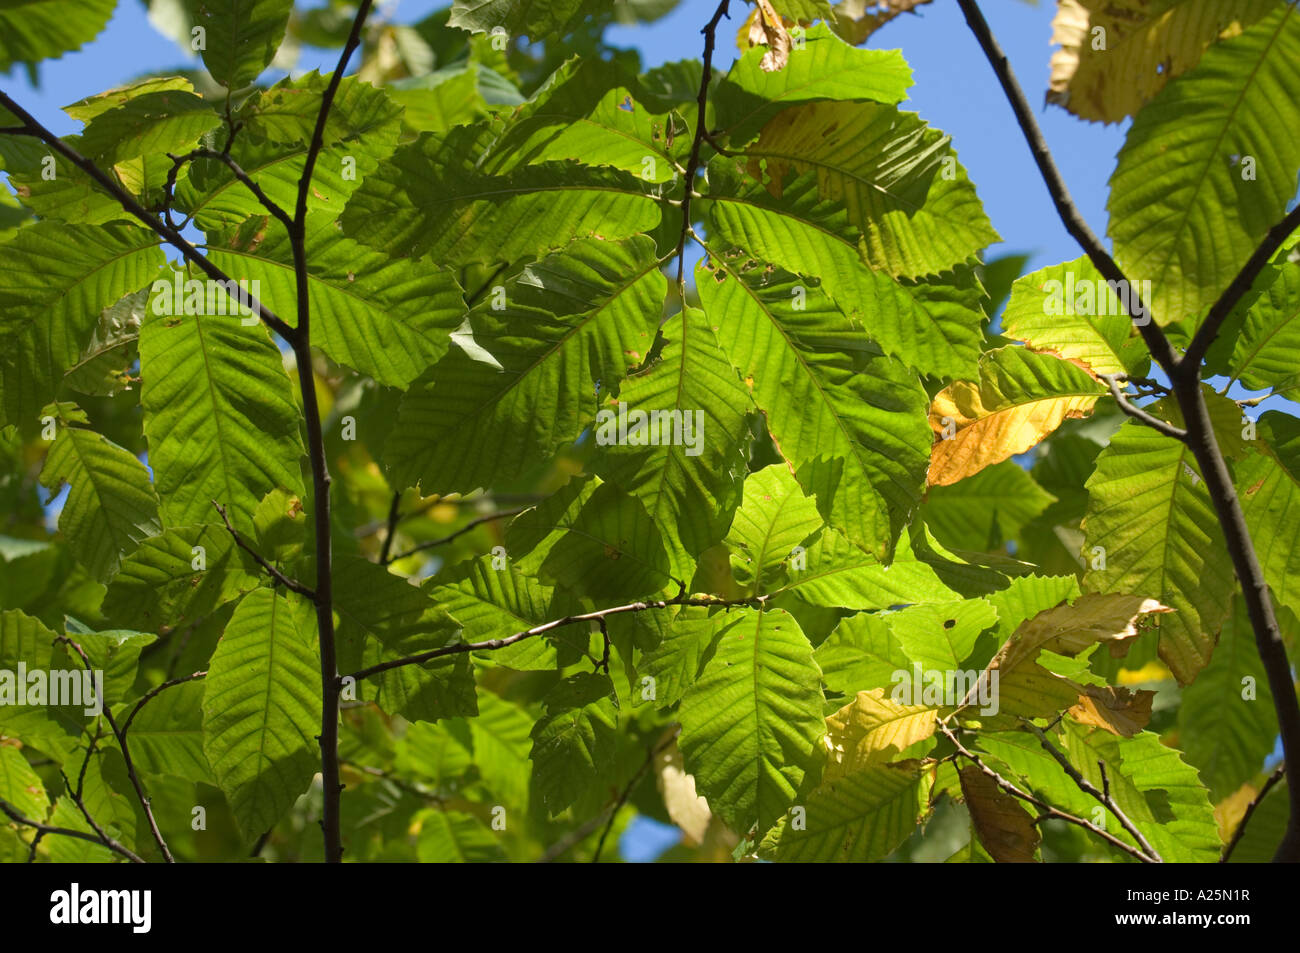 Spruce tree leaves